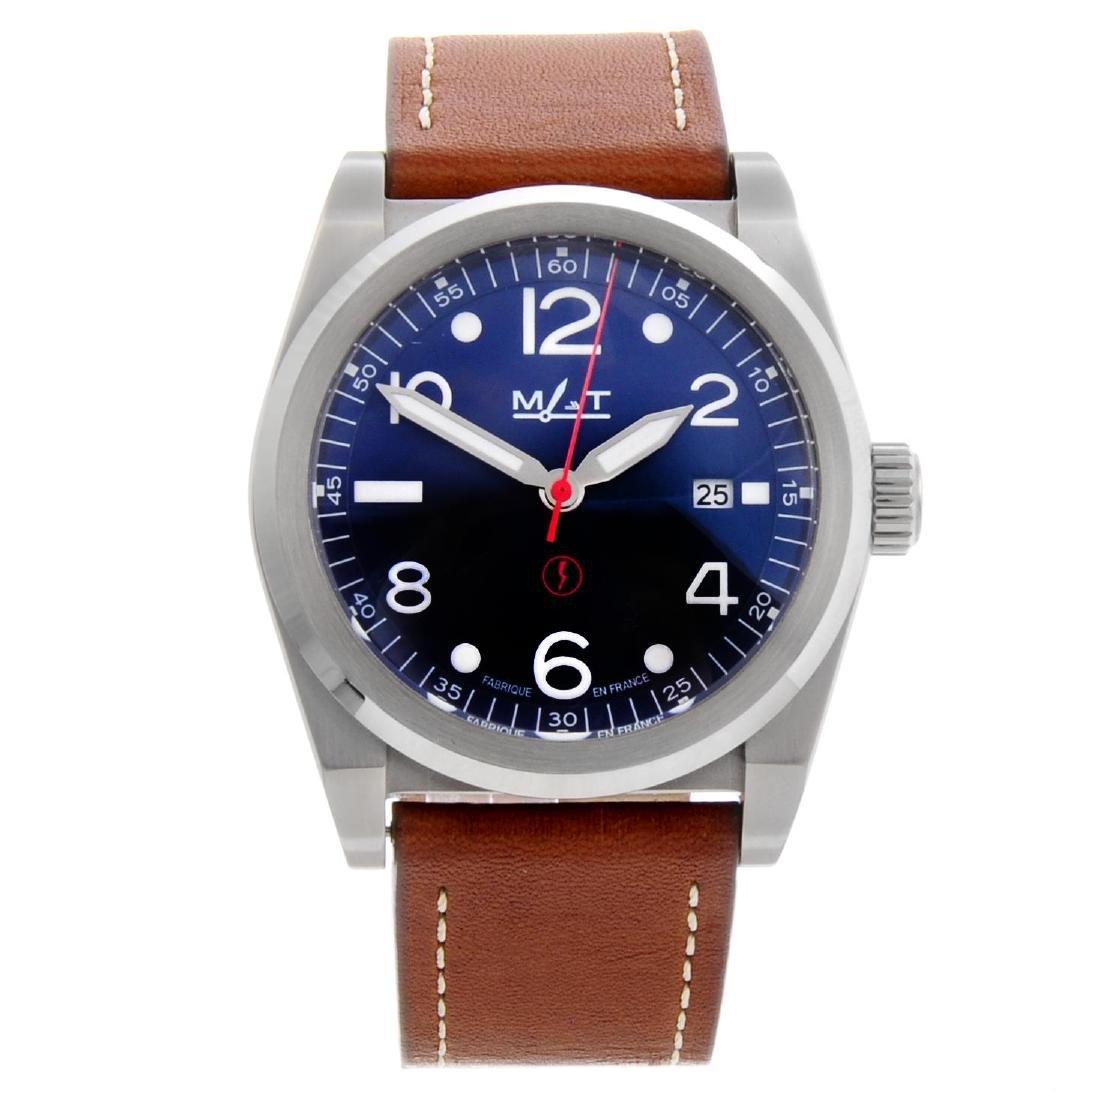 MAT - a limited edition gentleman's Urban Ops XL wrist